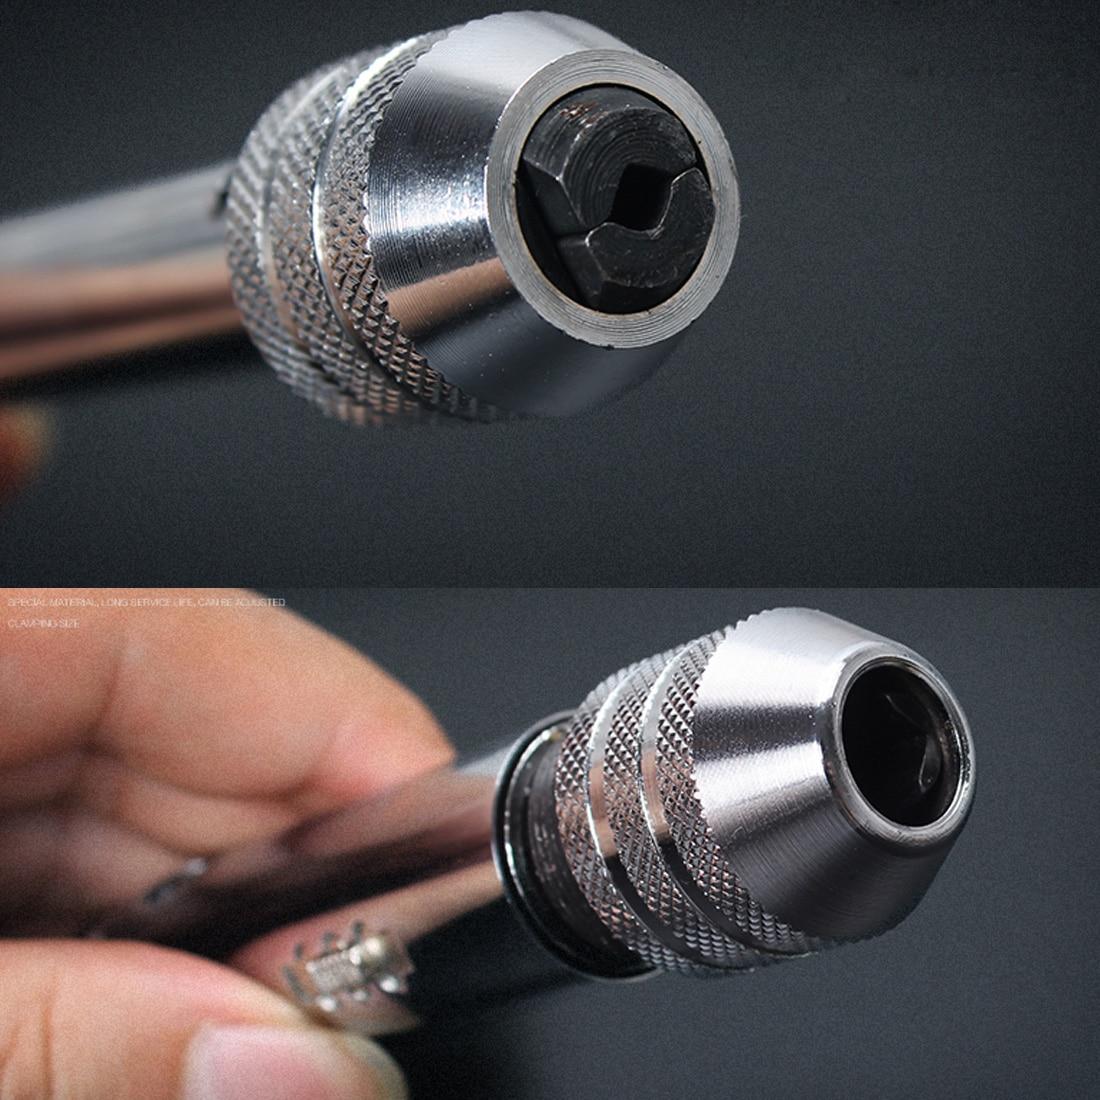 M3-M8 M5-M12 удлиненные Реверсивные Т-образные ручки, трещотка для крана, набор штампов, гаечные ключи, проводной гаечный ключ, регулируемый держатель, инструмент